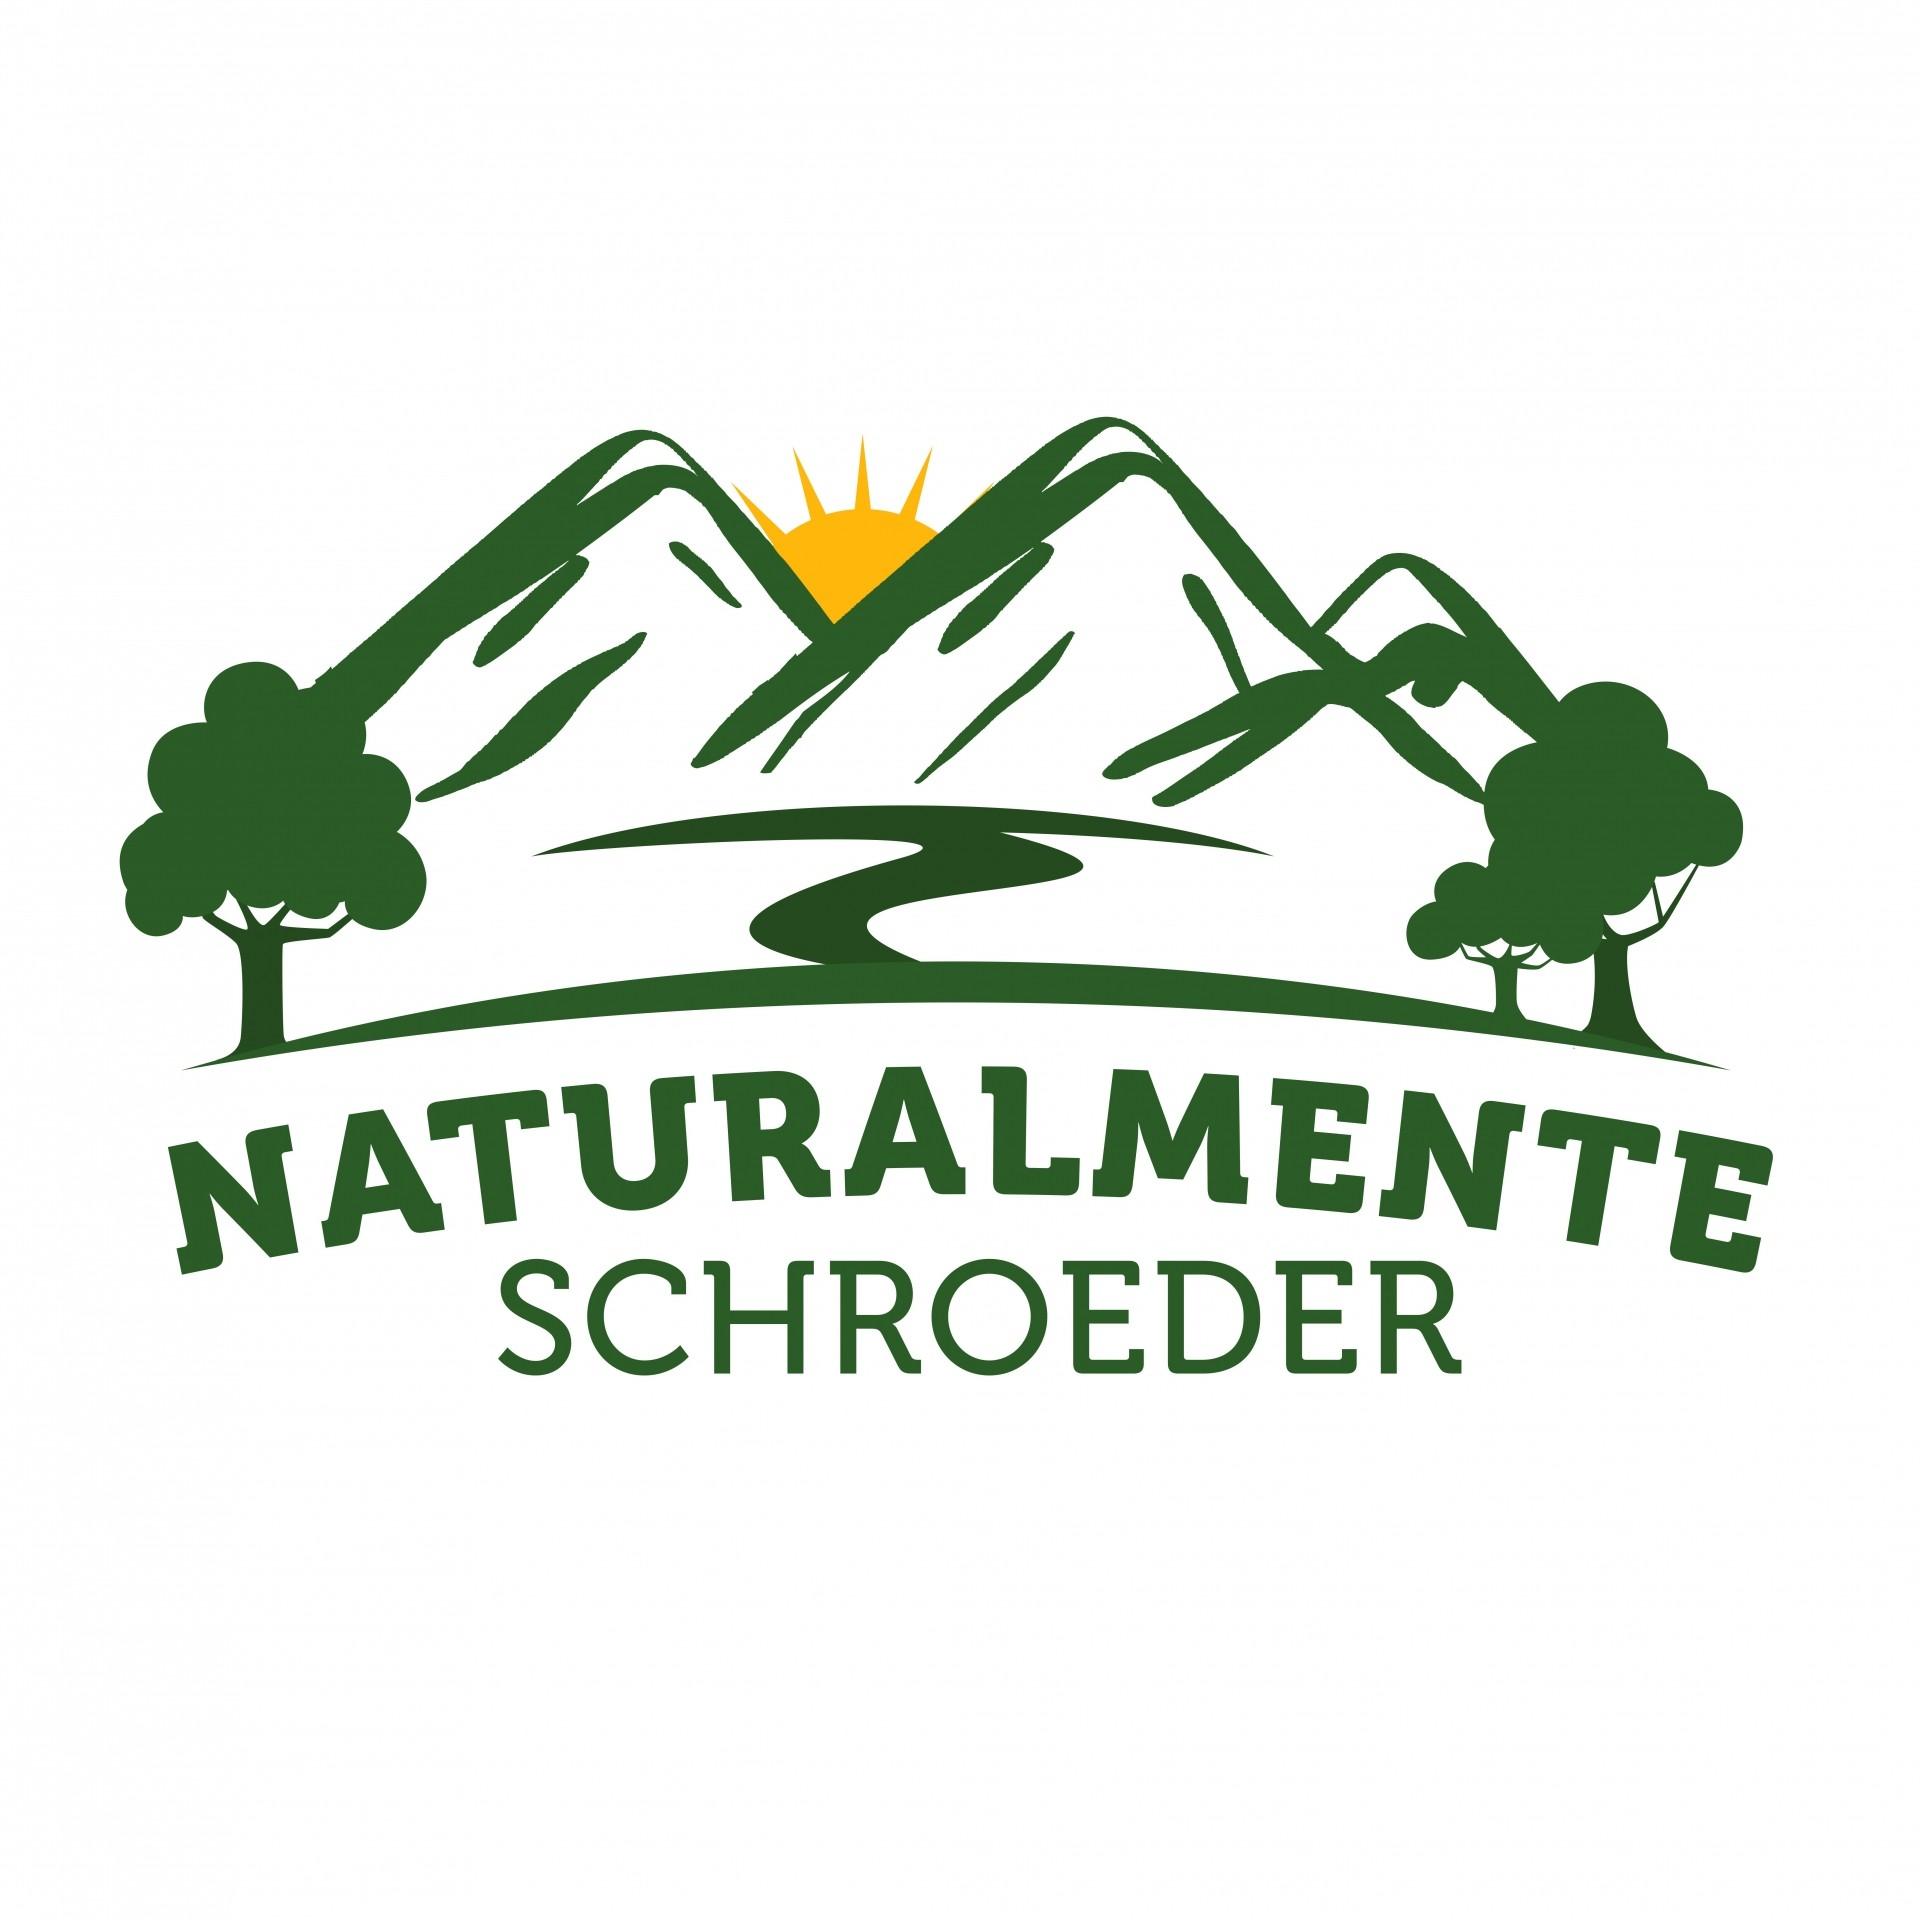 A imagem contém fundo branco e o desenho de montanhas, sol e duas árvores, com os dizeres NATURALMENTE SCHROEDER. A marca foi criada para evidenciar as belezas da cidade que fez 56 anos.